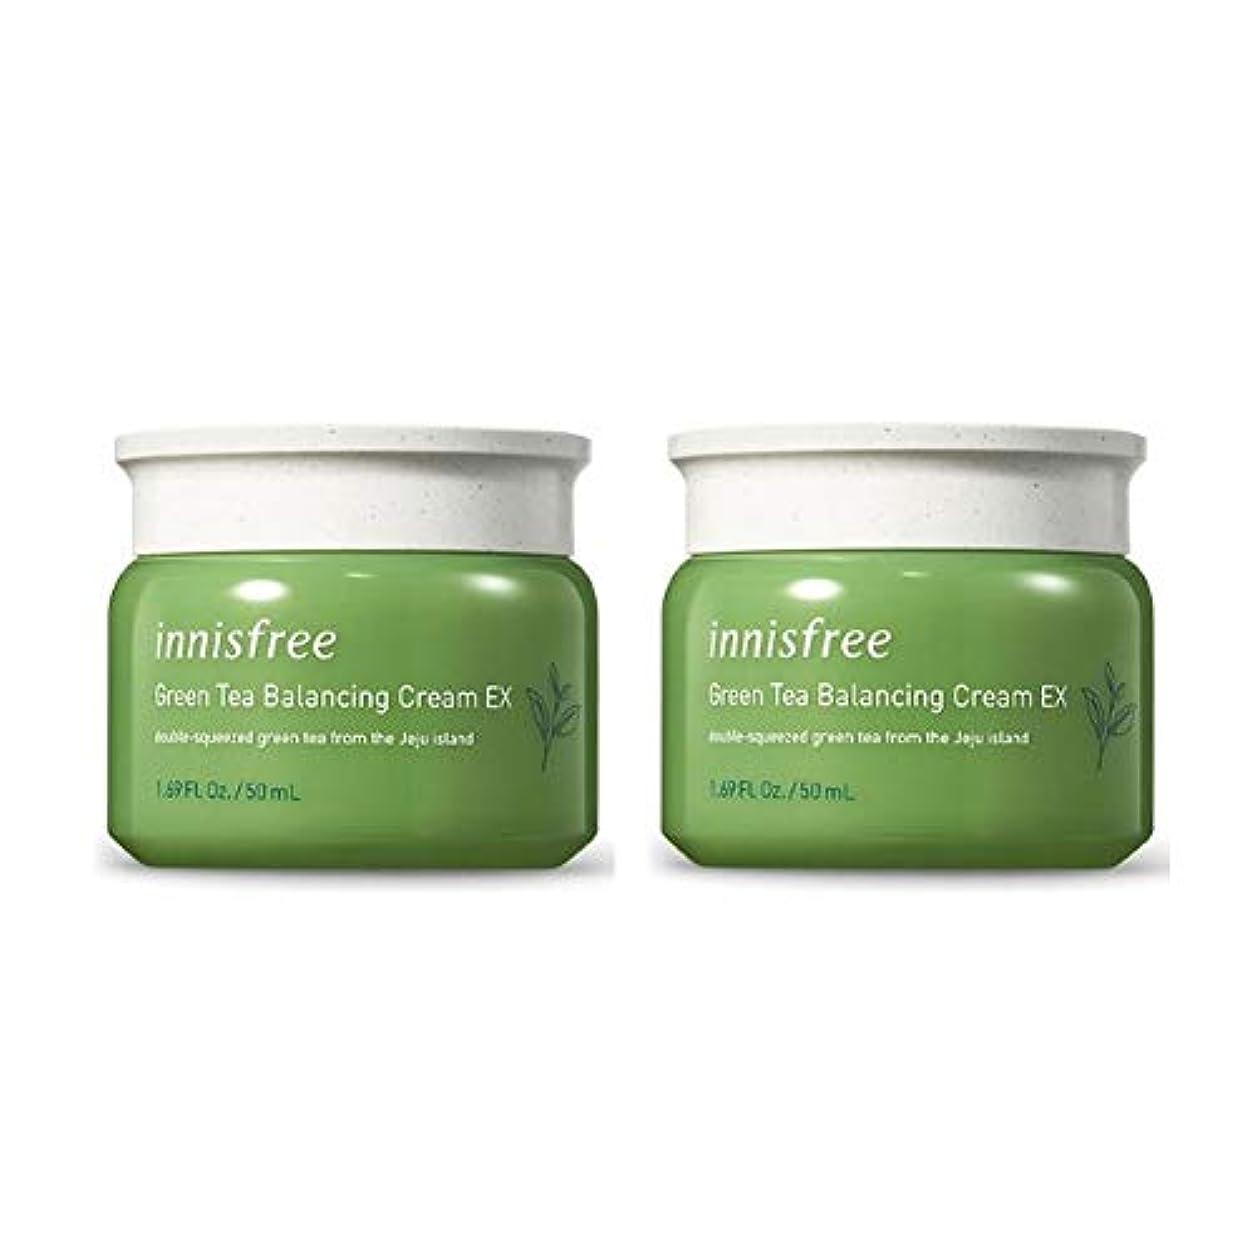 ブラシツーリスト候補者イニスフリーグリーンティーバランシングクリームEX 50mlx2本セット韓国コスメ、innisfree Green Tea Balancing Cream EX 50ml x 2ea Set Korean Cosmetics...